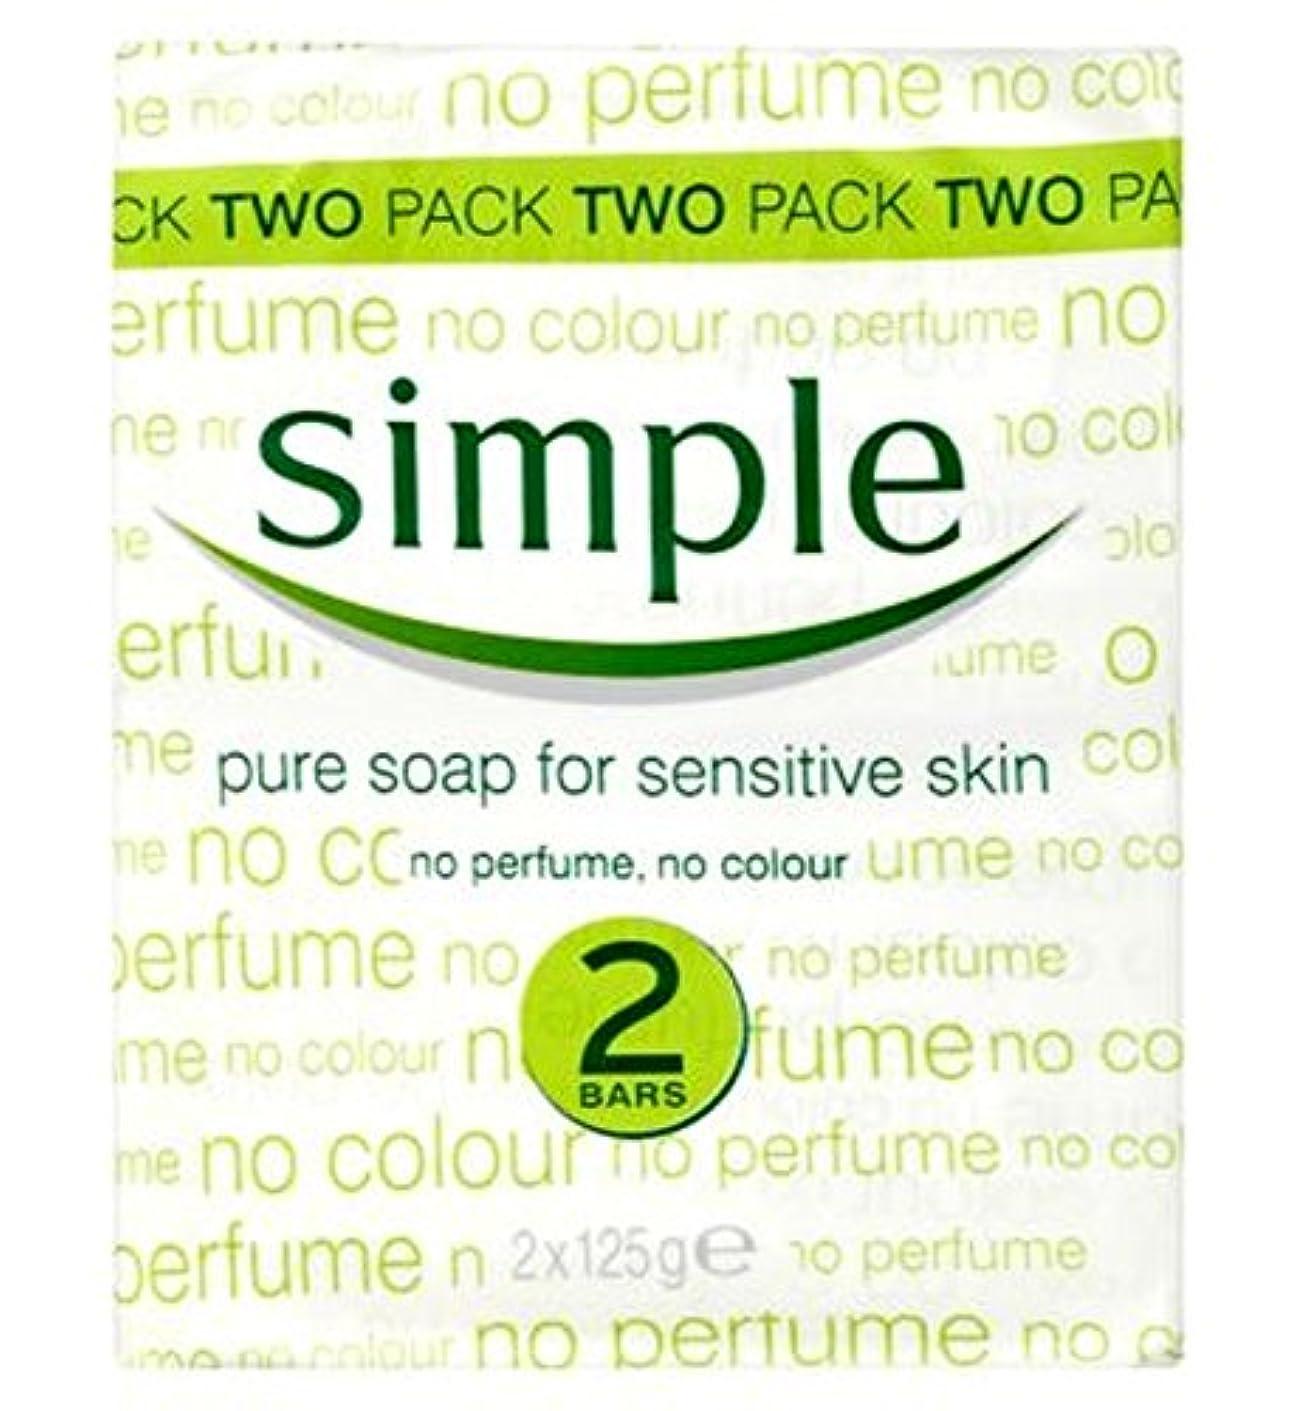 休憩するゲージ成功するSimple Pure Soap Bar for Sensitive Skin 2 x 125g - 敏感肌2のX 125グラムのためのシンプルな、純粋な石鹸バー (Simple) [並行輸入品]